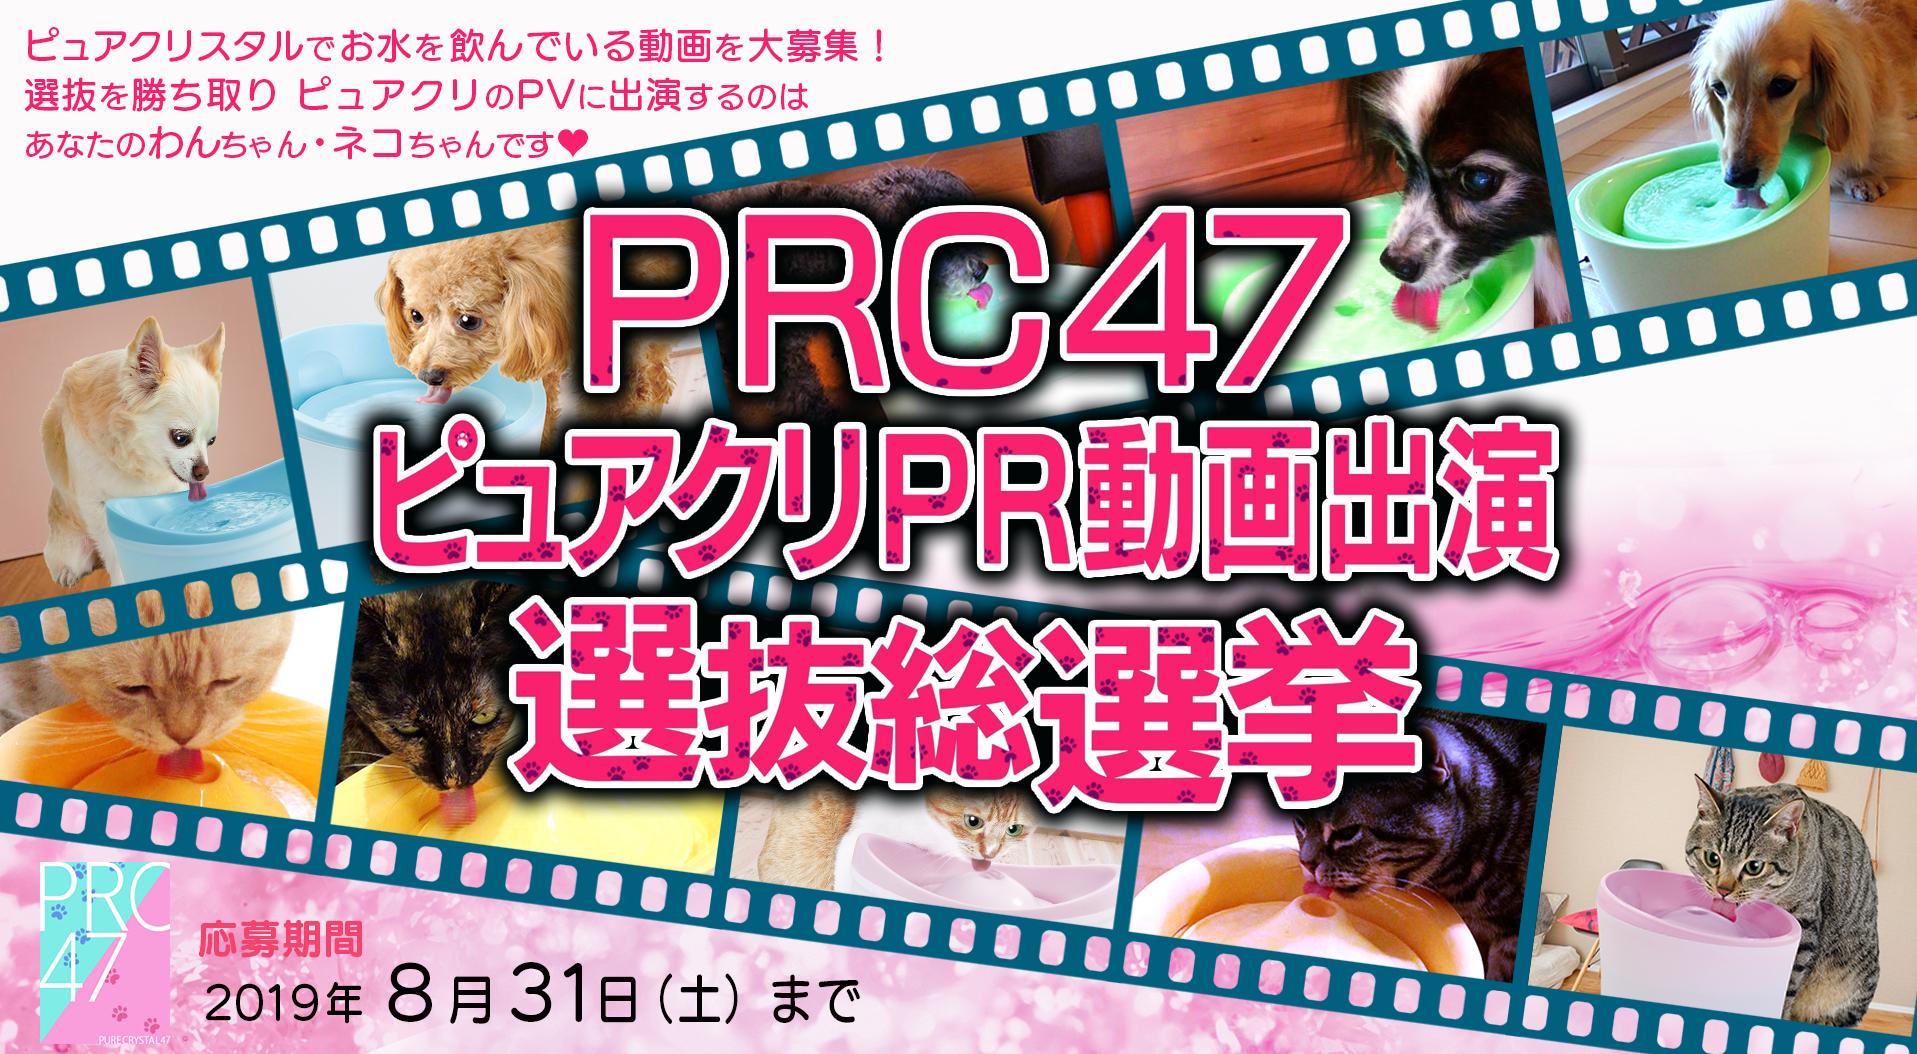 あなたのわんちゃん・ネコちゃんがPR動画に出演!? 「PRC47ピュアクリPR動画出演選抜総選挙」開催!